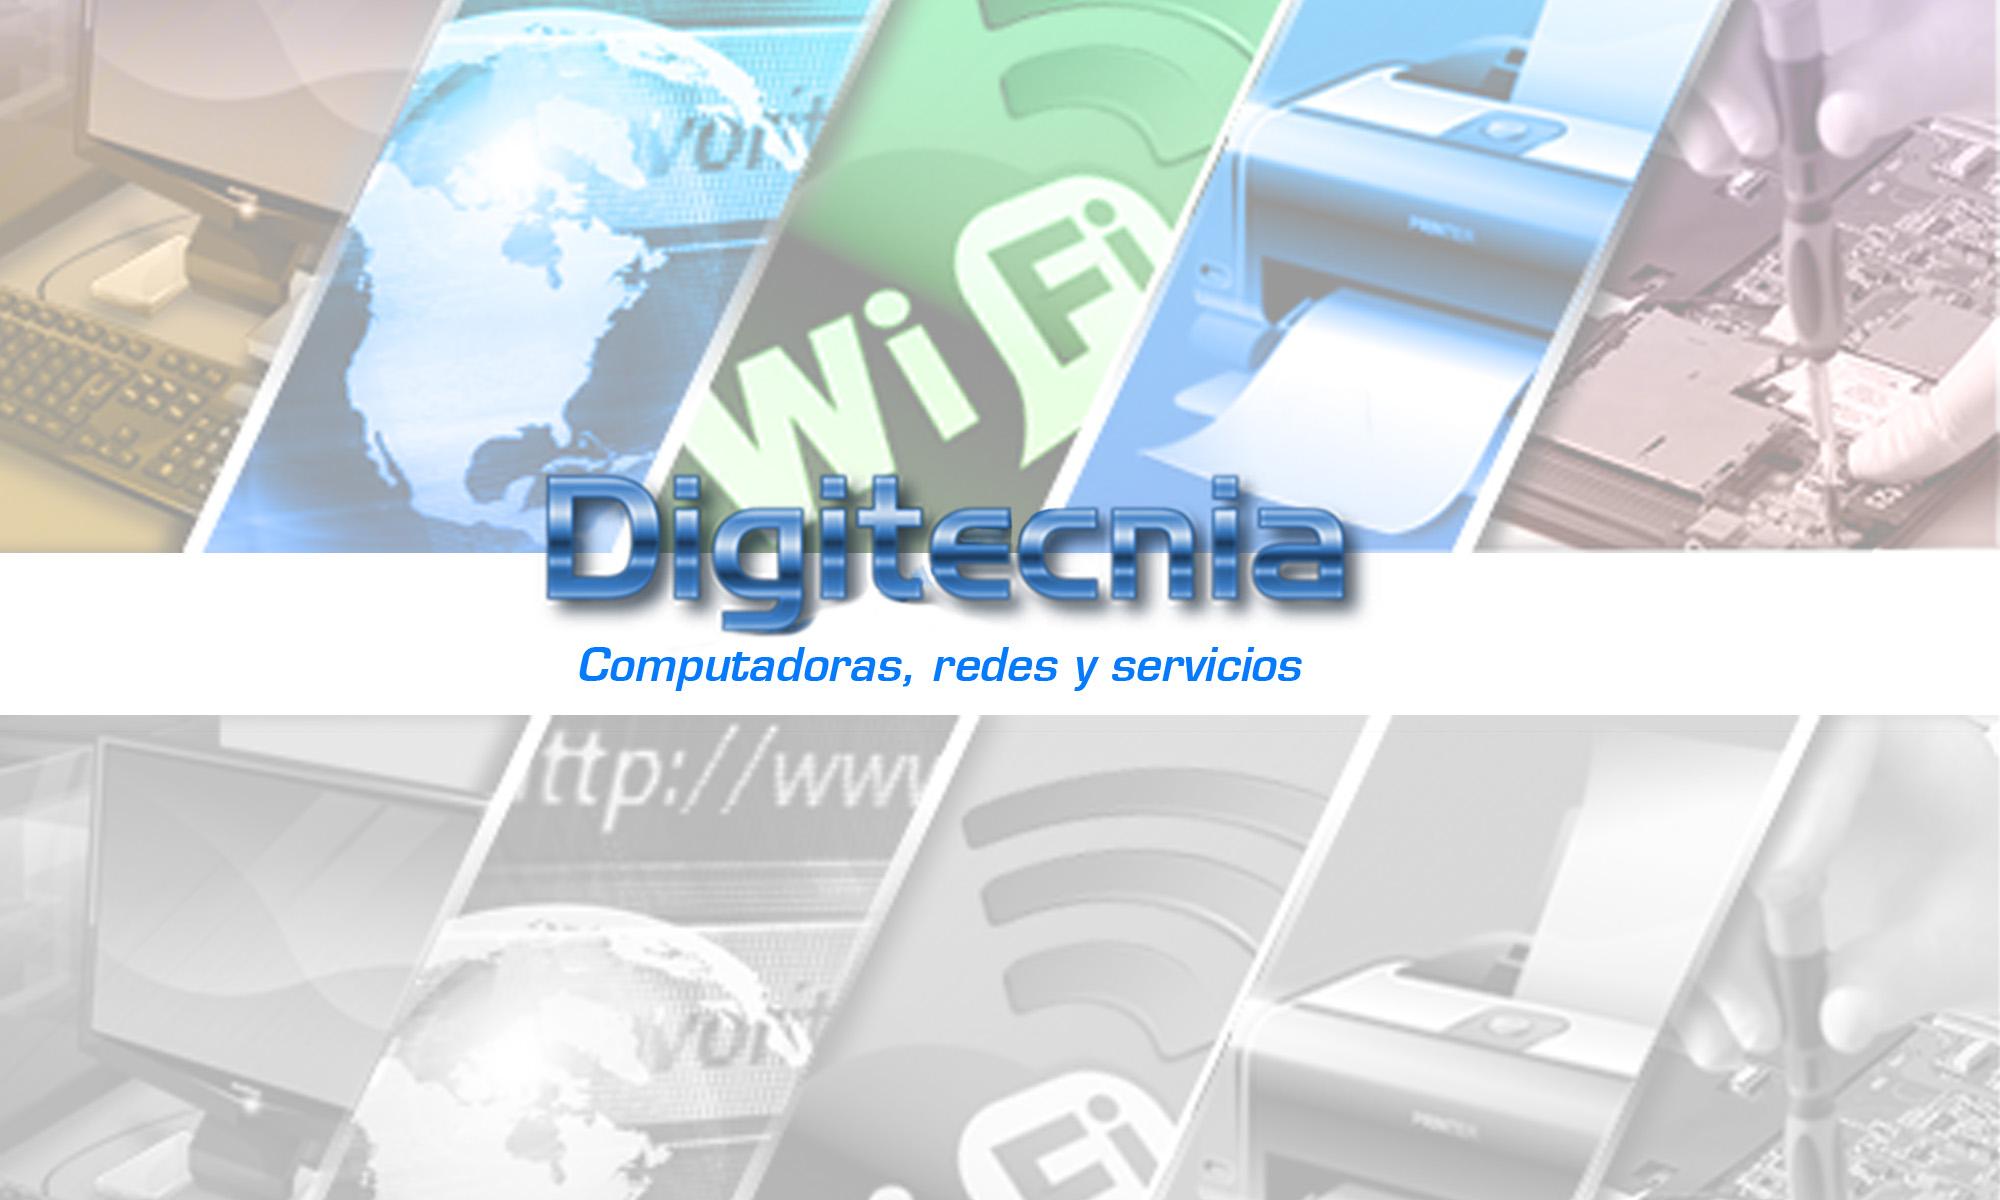 Digitecnia  en Guadalajara - Venta de Computadoras, Redes y Servicios de Computación